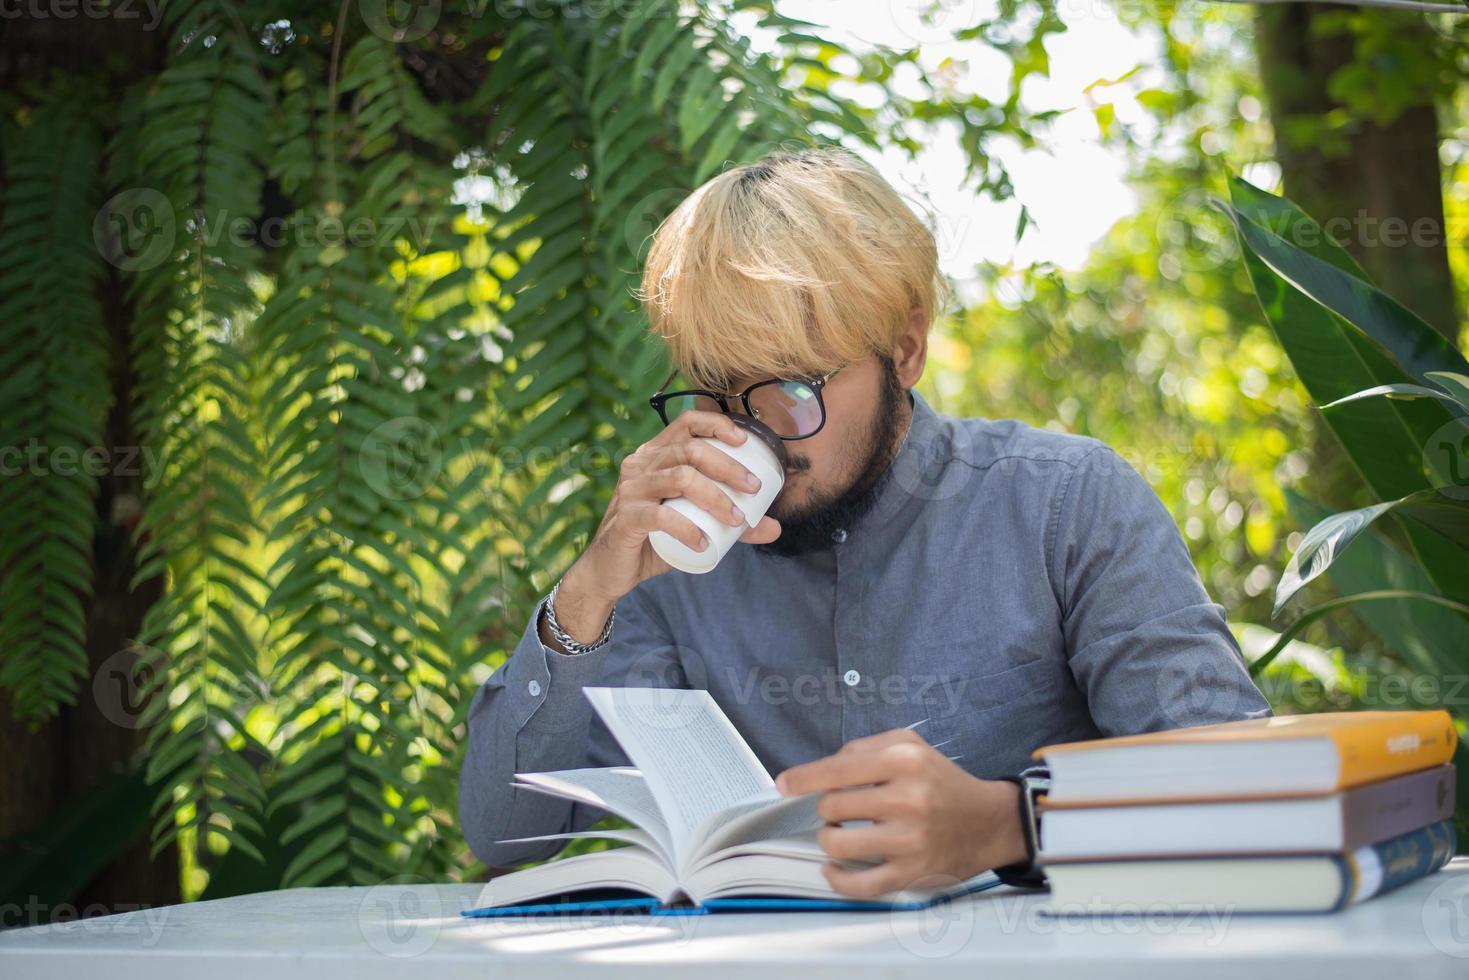 Hombre joven barba hipster tomando café mientras lee libros en el jardín de su casa con la naturaleza foto